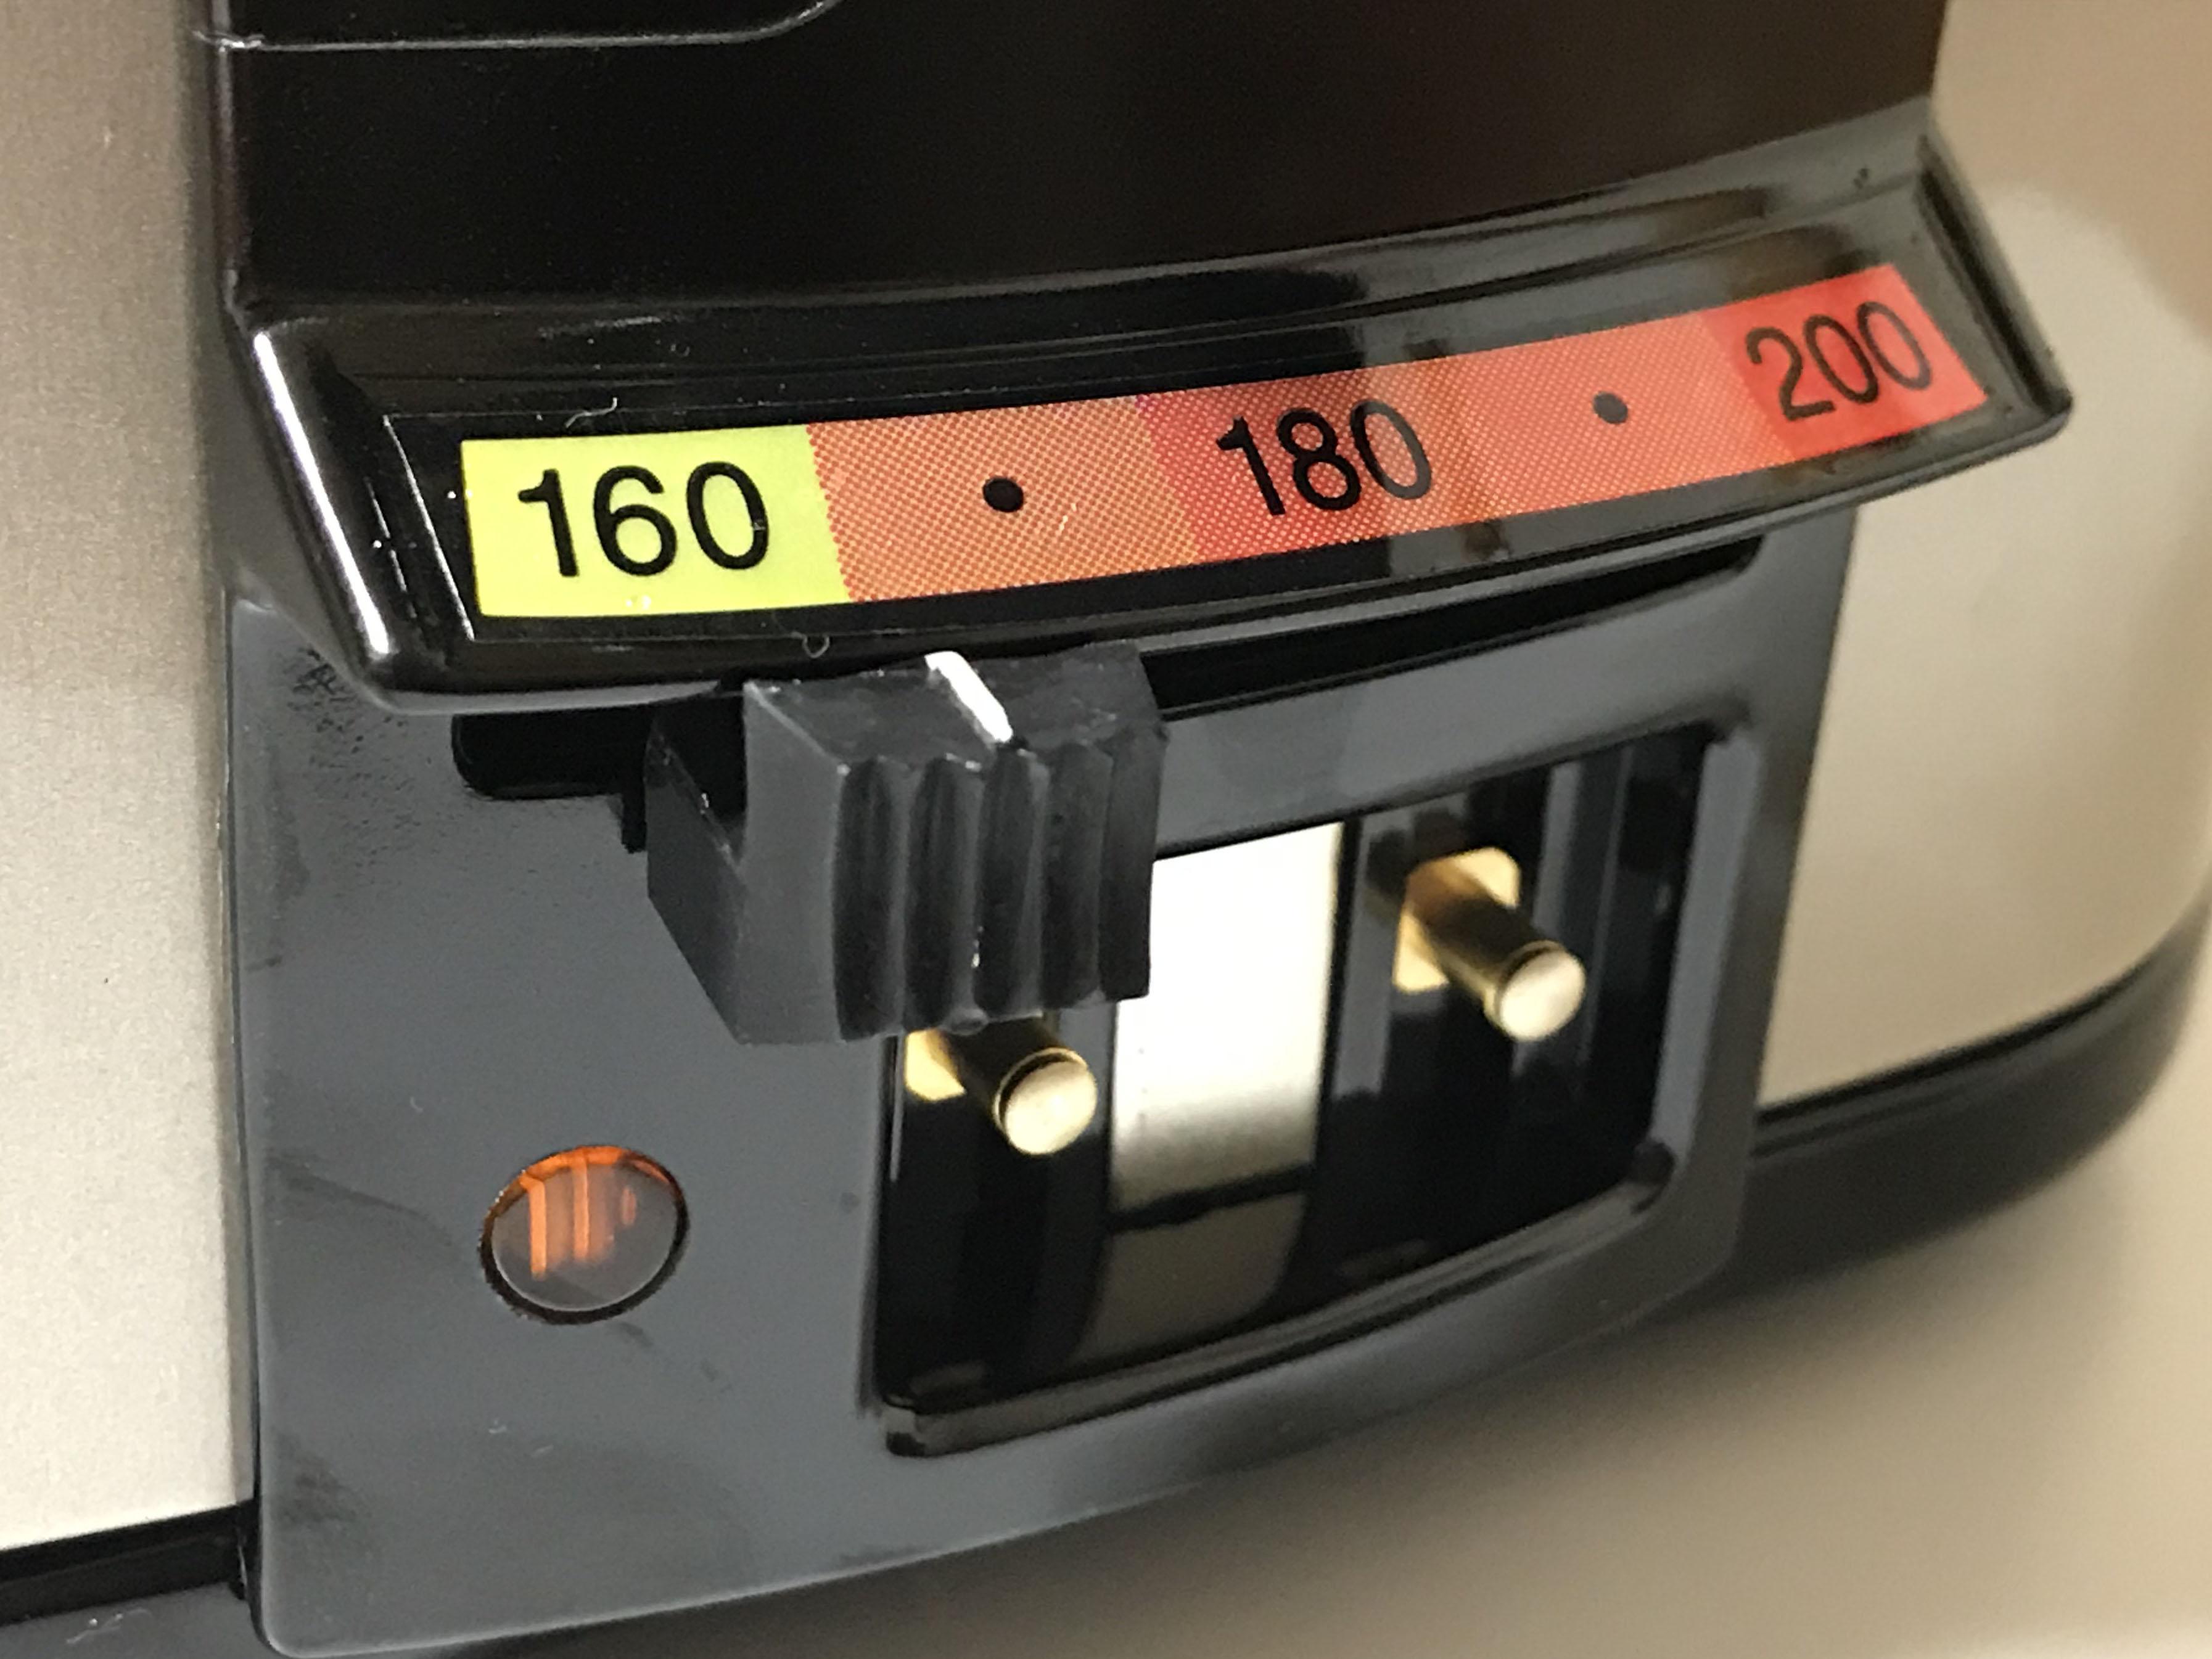 卓上フライヤーの温度設定スイッチ